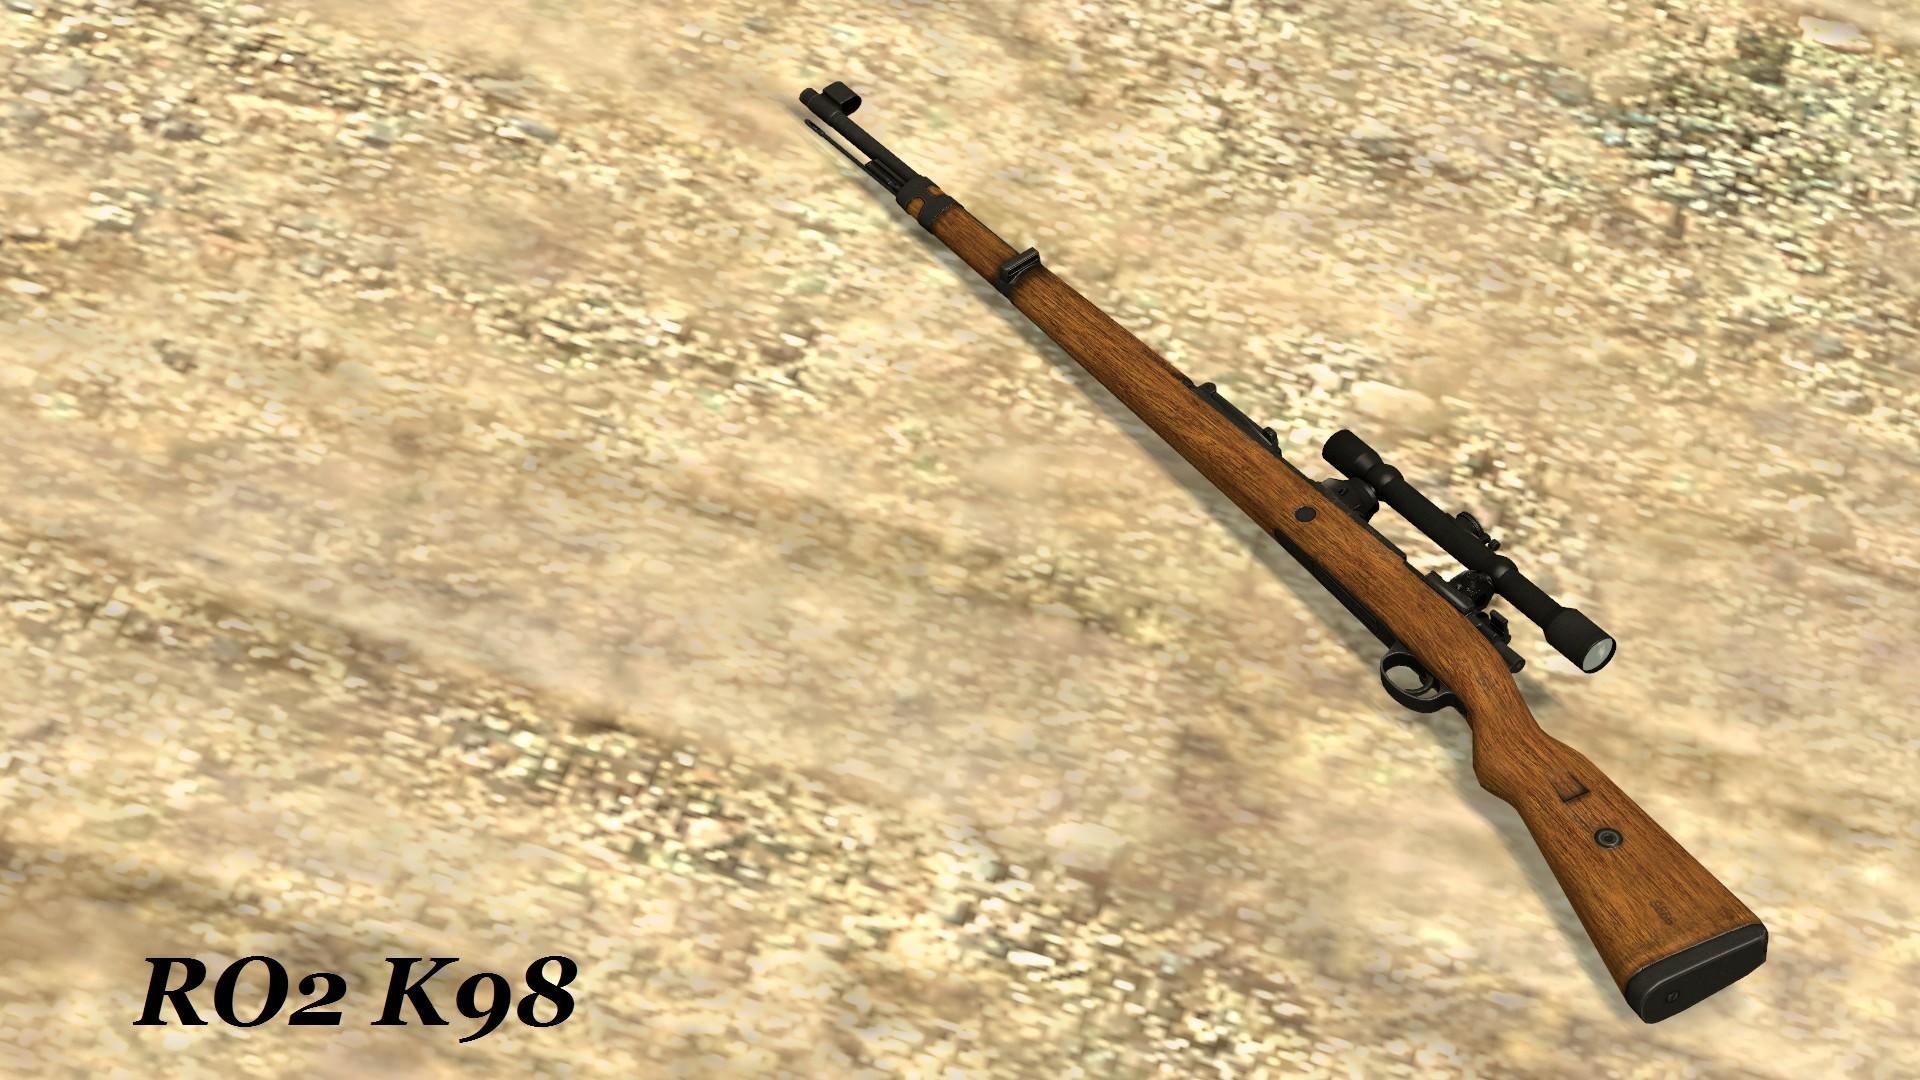 دانلود اسکین Awp   RO2 K98 برای کانتر سورس